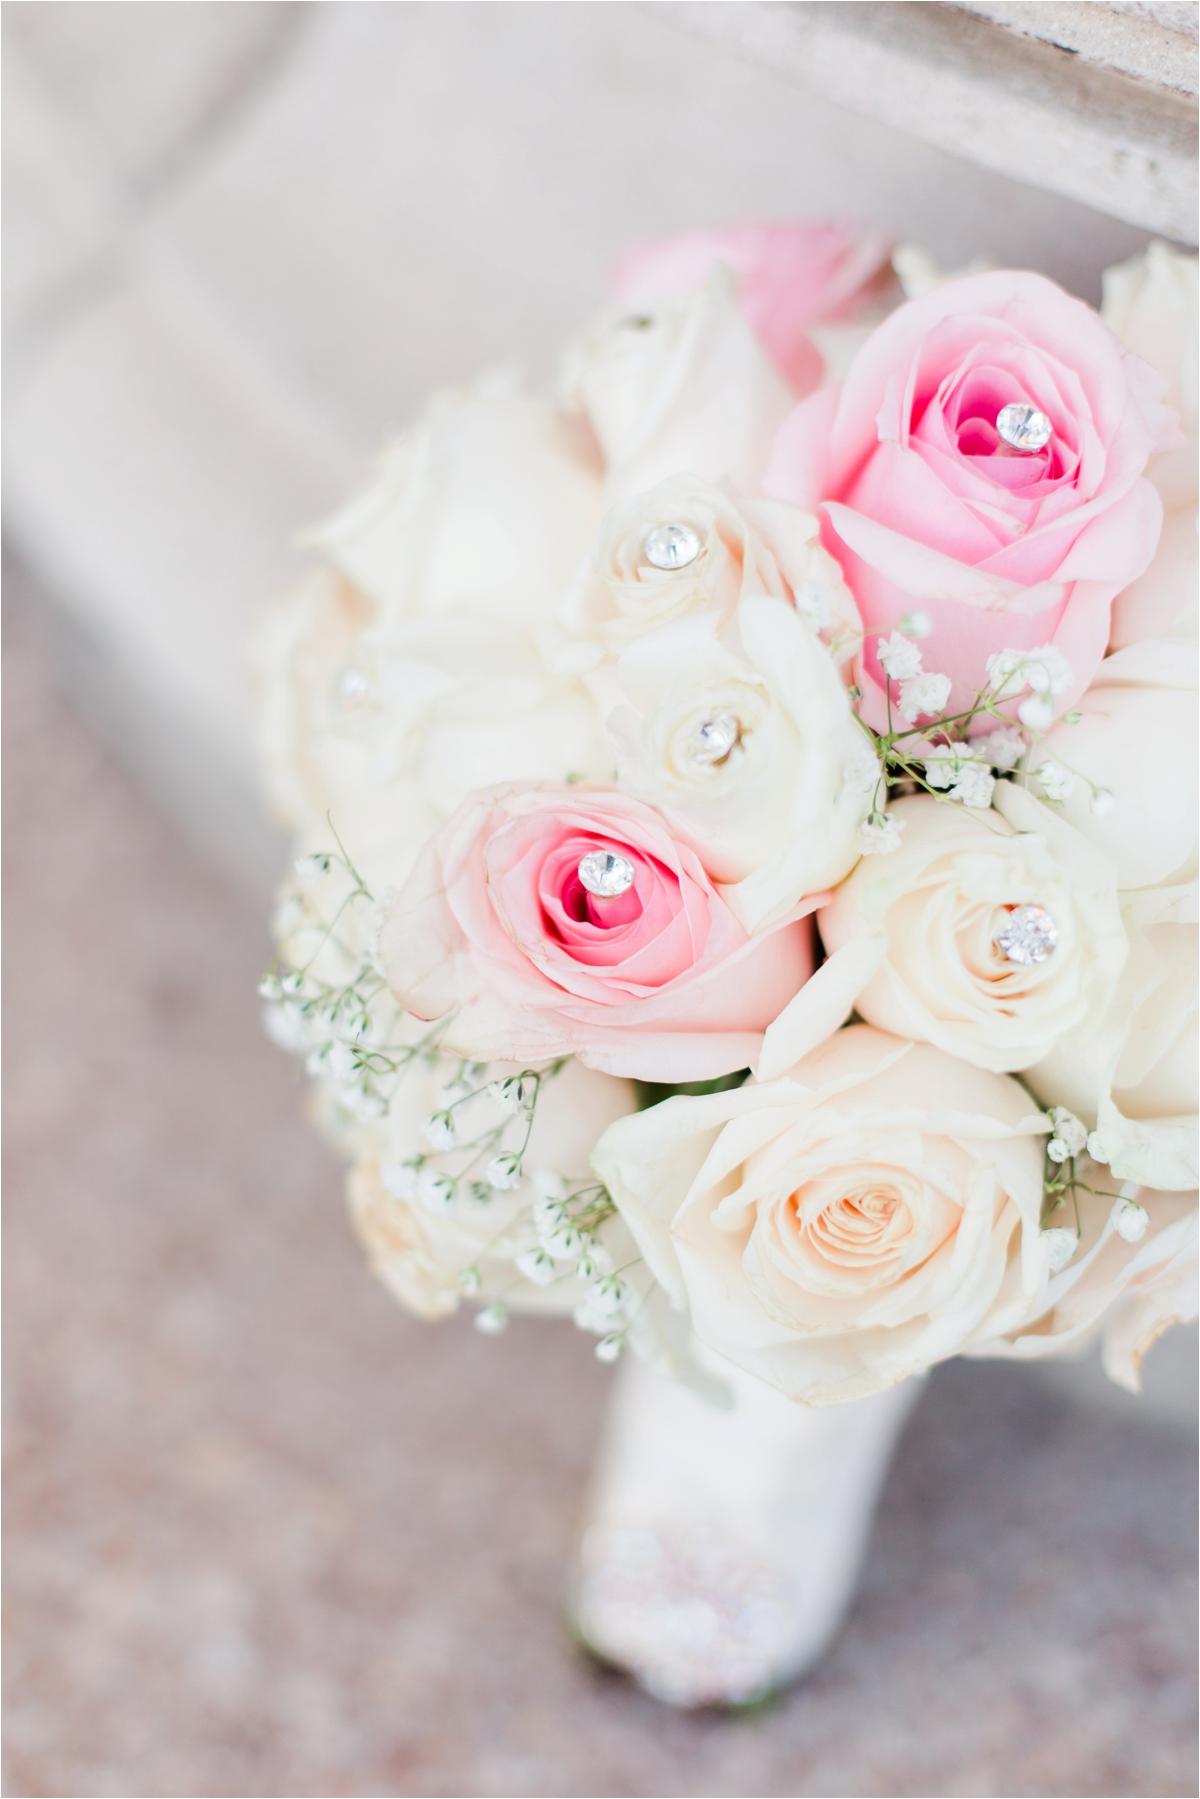 Corinthian Event Center Wedding photos by Briana Calderon Photography_0539.jpg